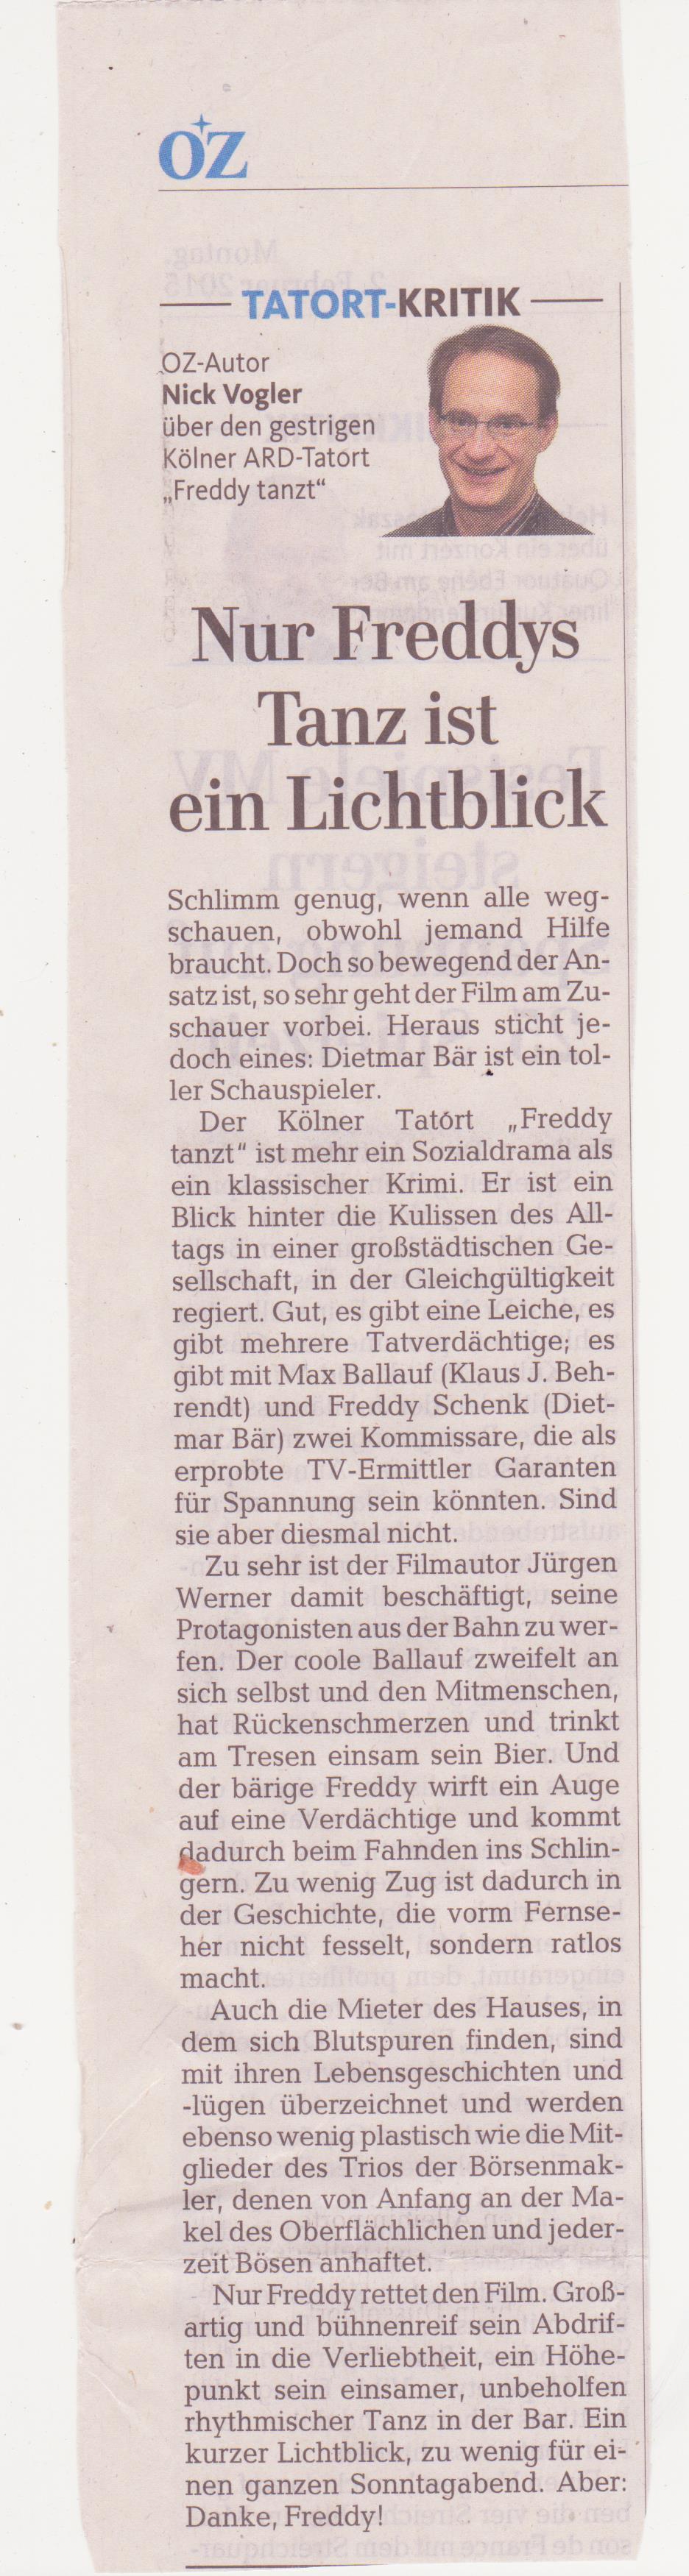 da ich mich nach wie vor über Beitragsservice von ARD,ZDF